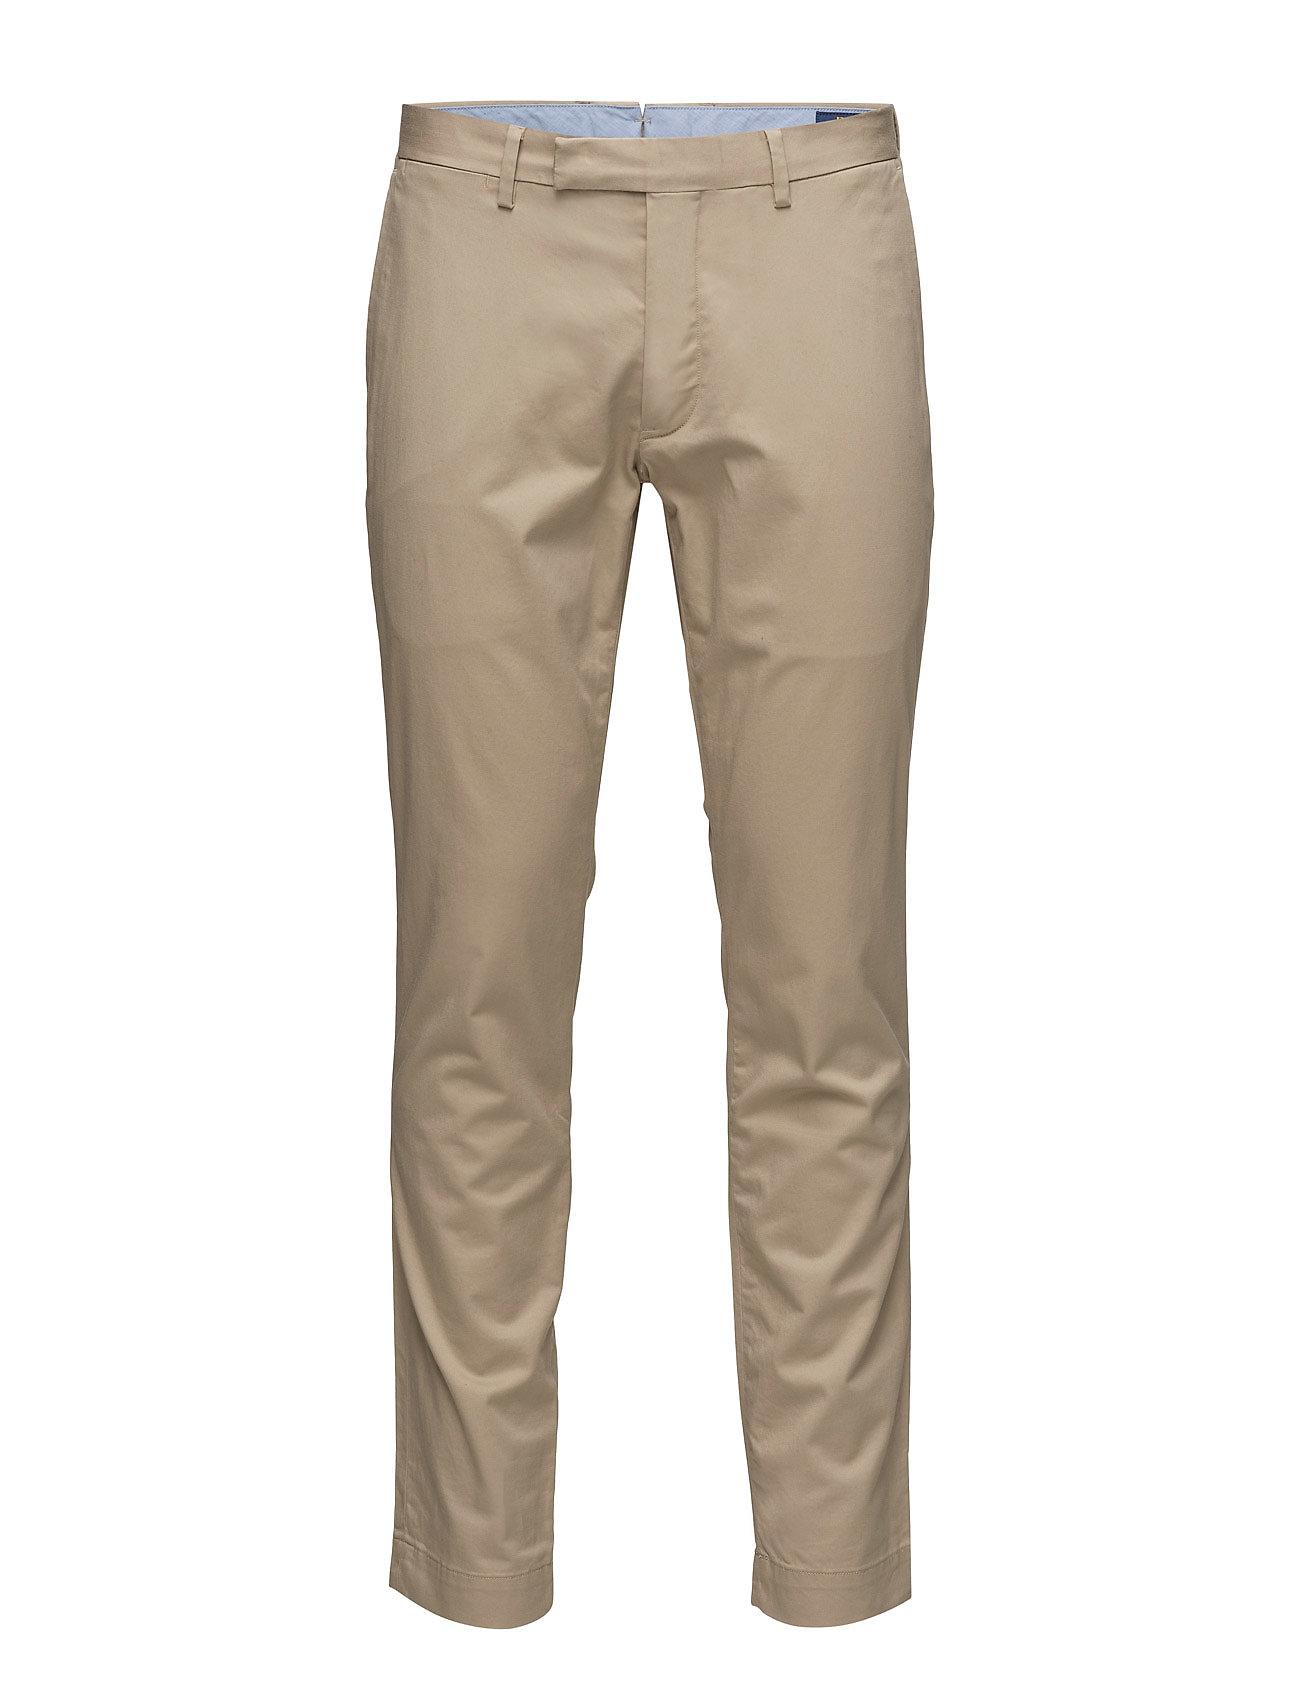 Polo Ralph Lauren Stretch Tailored Slim Chino - CLASSIC KHAKI